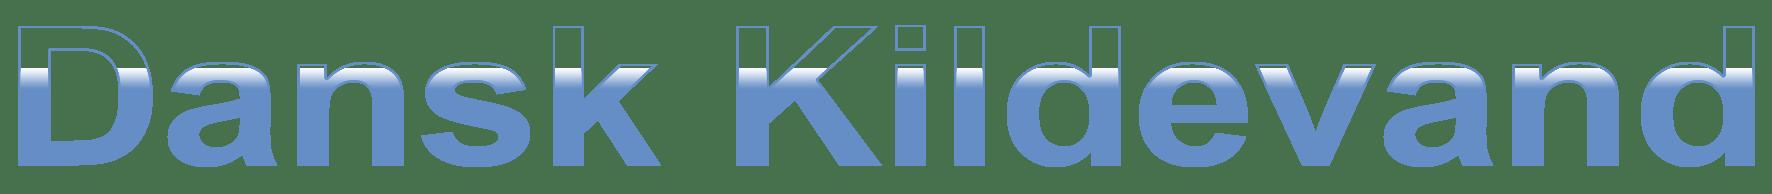 dansk-kildevand-logo